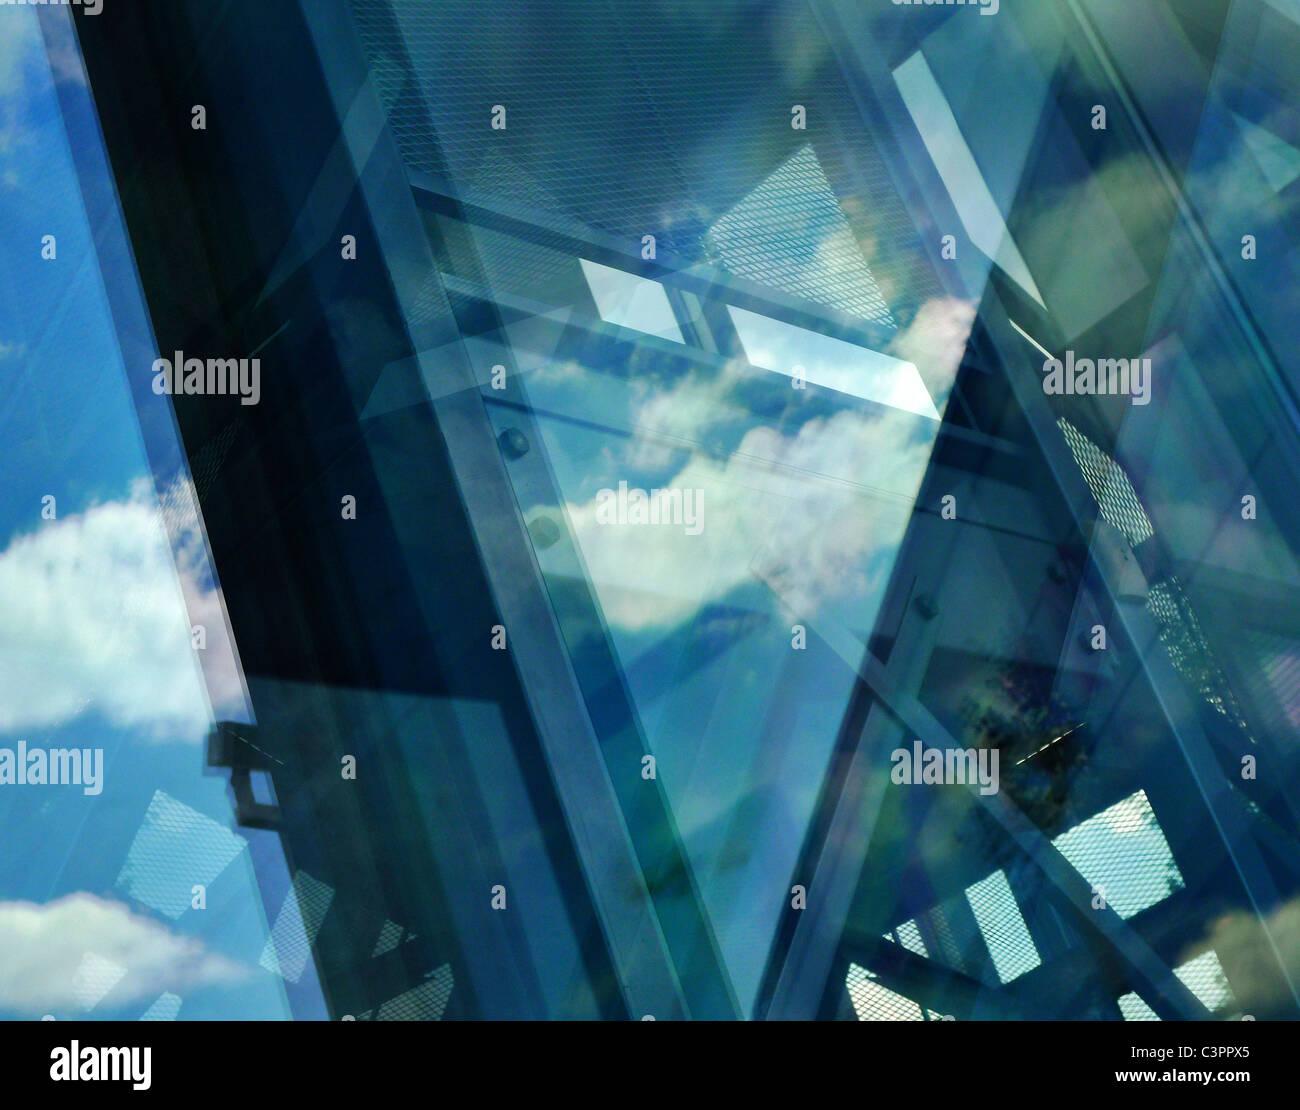 Resumen reflejando la composición arquitectónica. Imagen De Stock